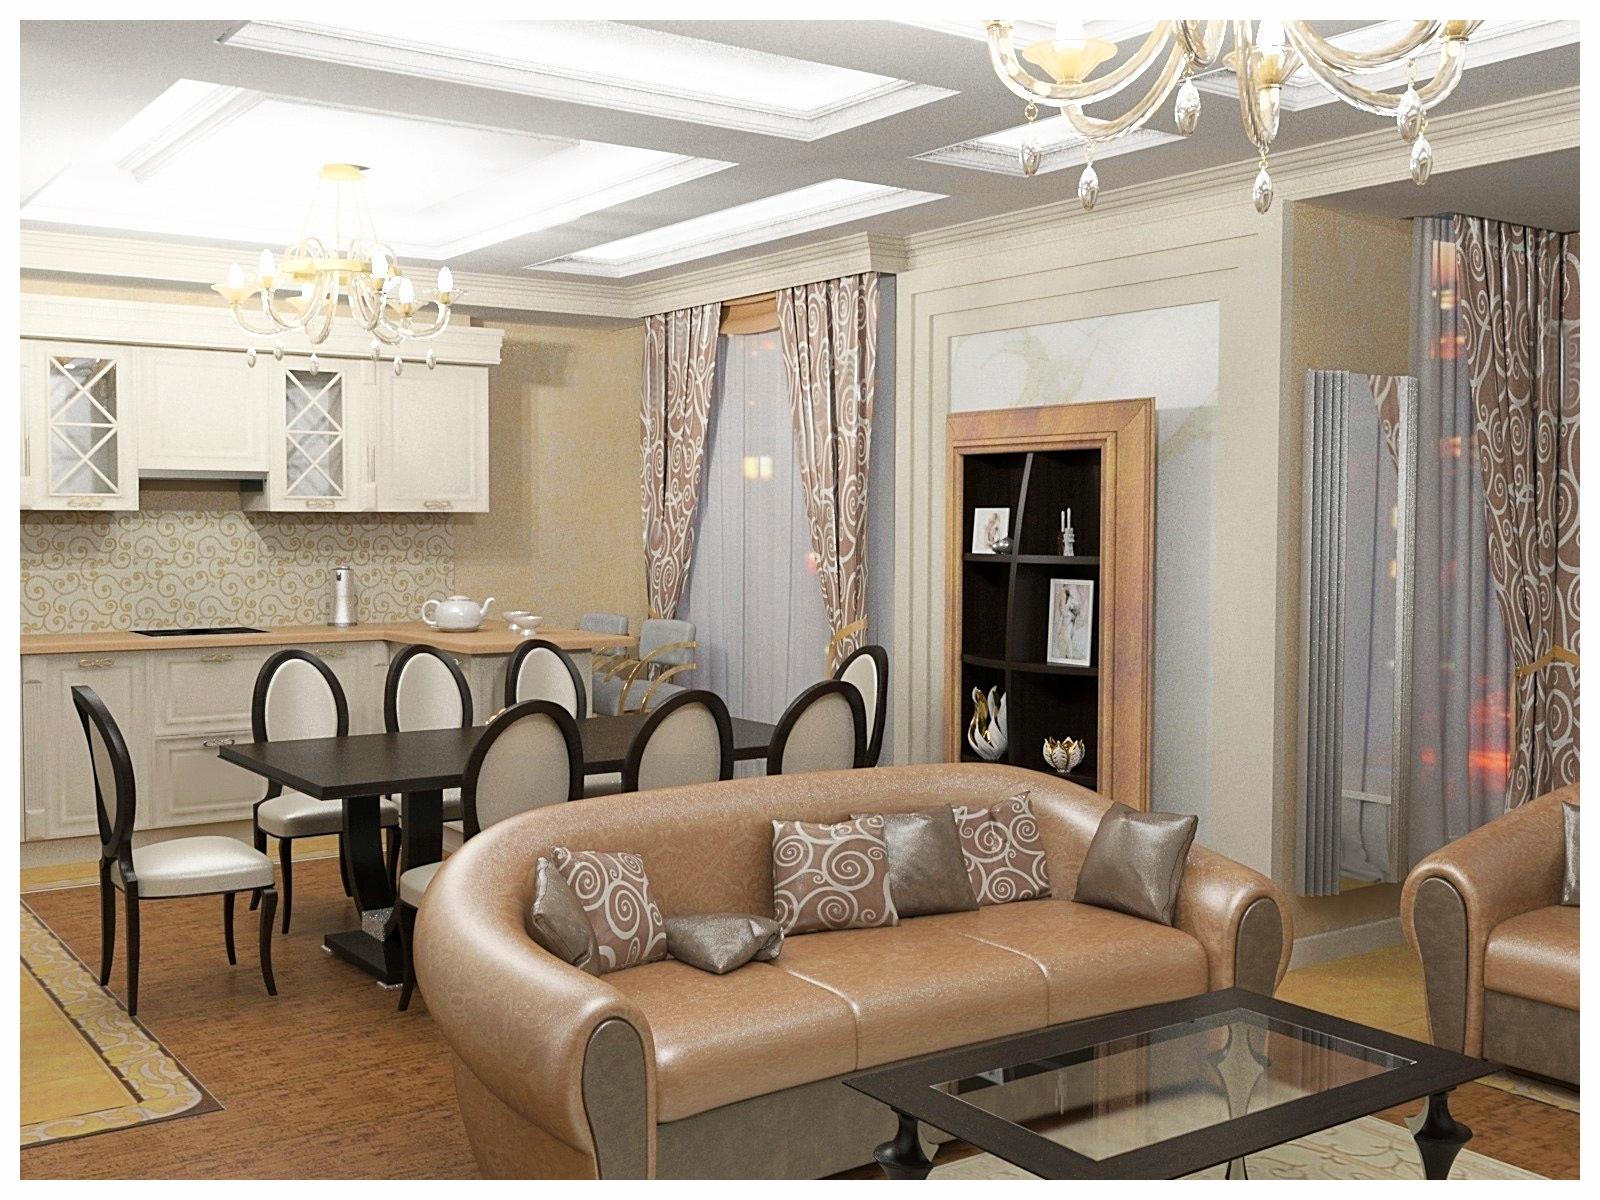 Дизайн интерьеров квартиры в эклектике. Гостиная-кухня 3.